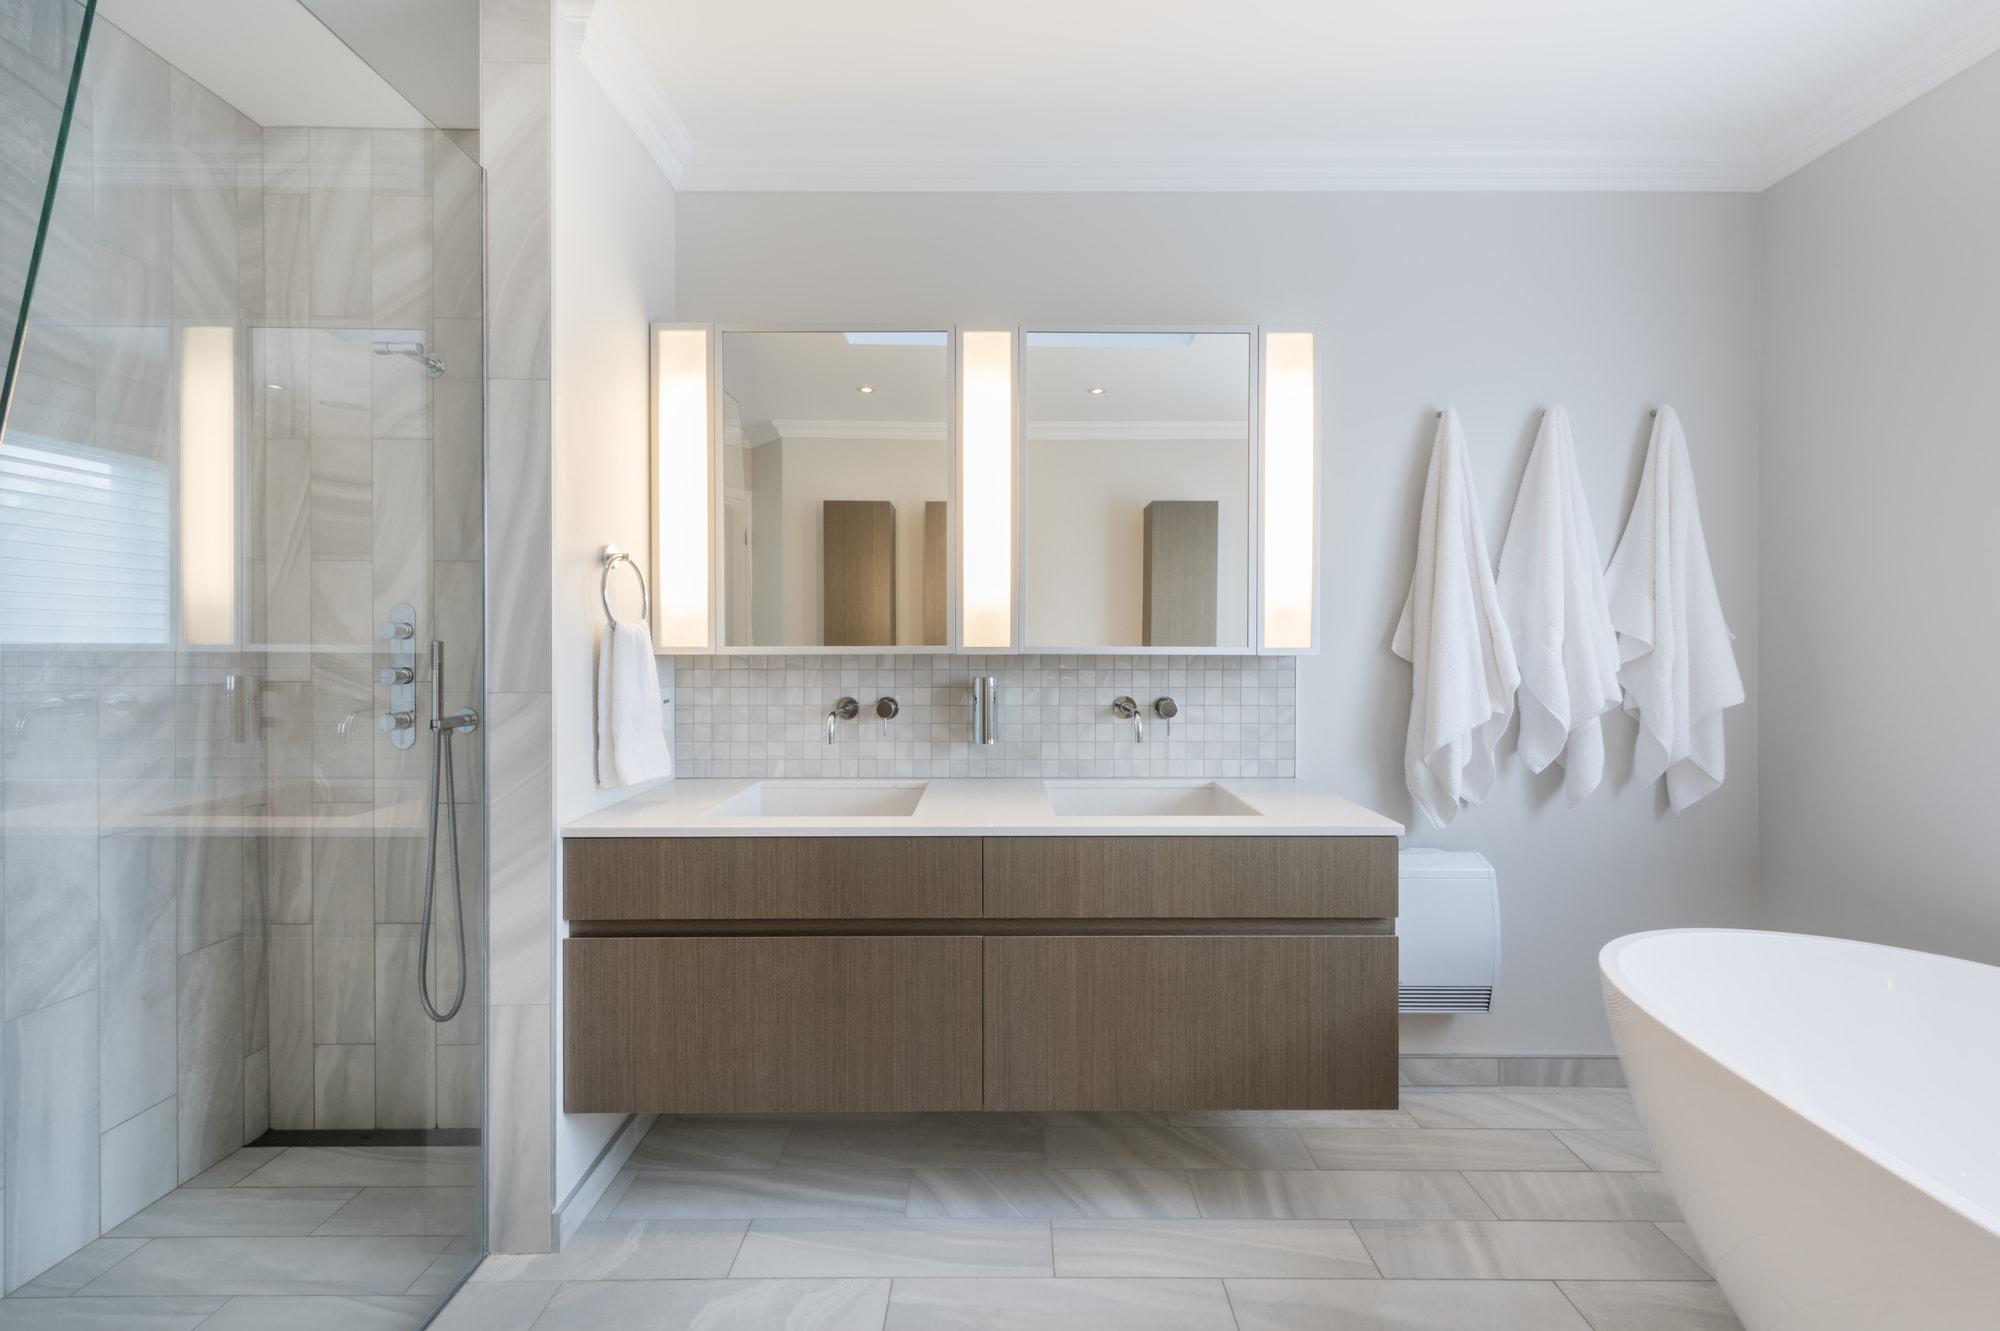 rénovation d'une salle de bain moderner avec deux lavabos encastré, comptoir en quartz, bain autoportant et douche vitrée